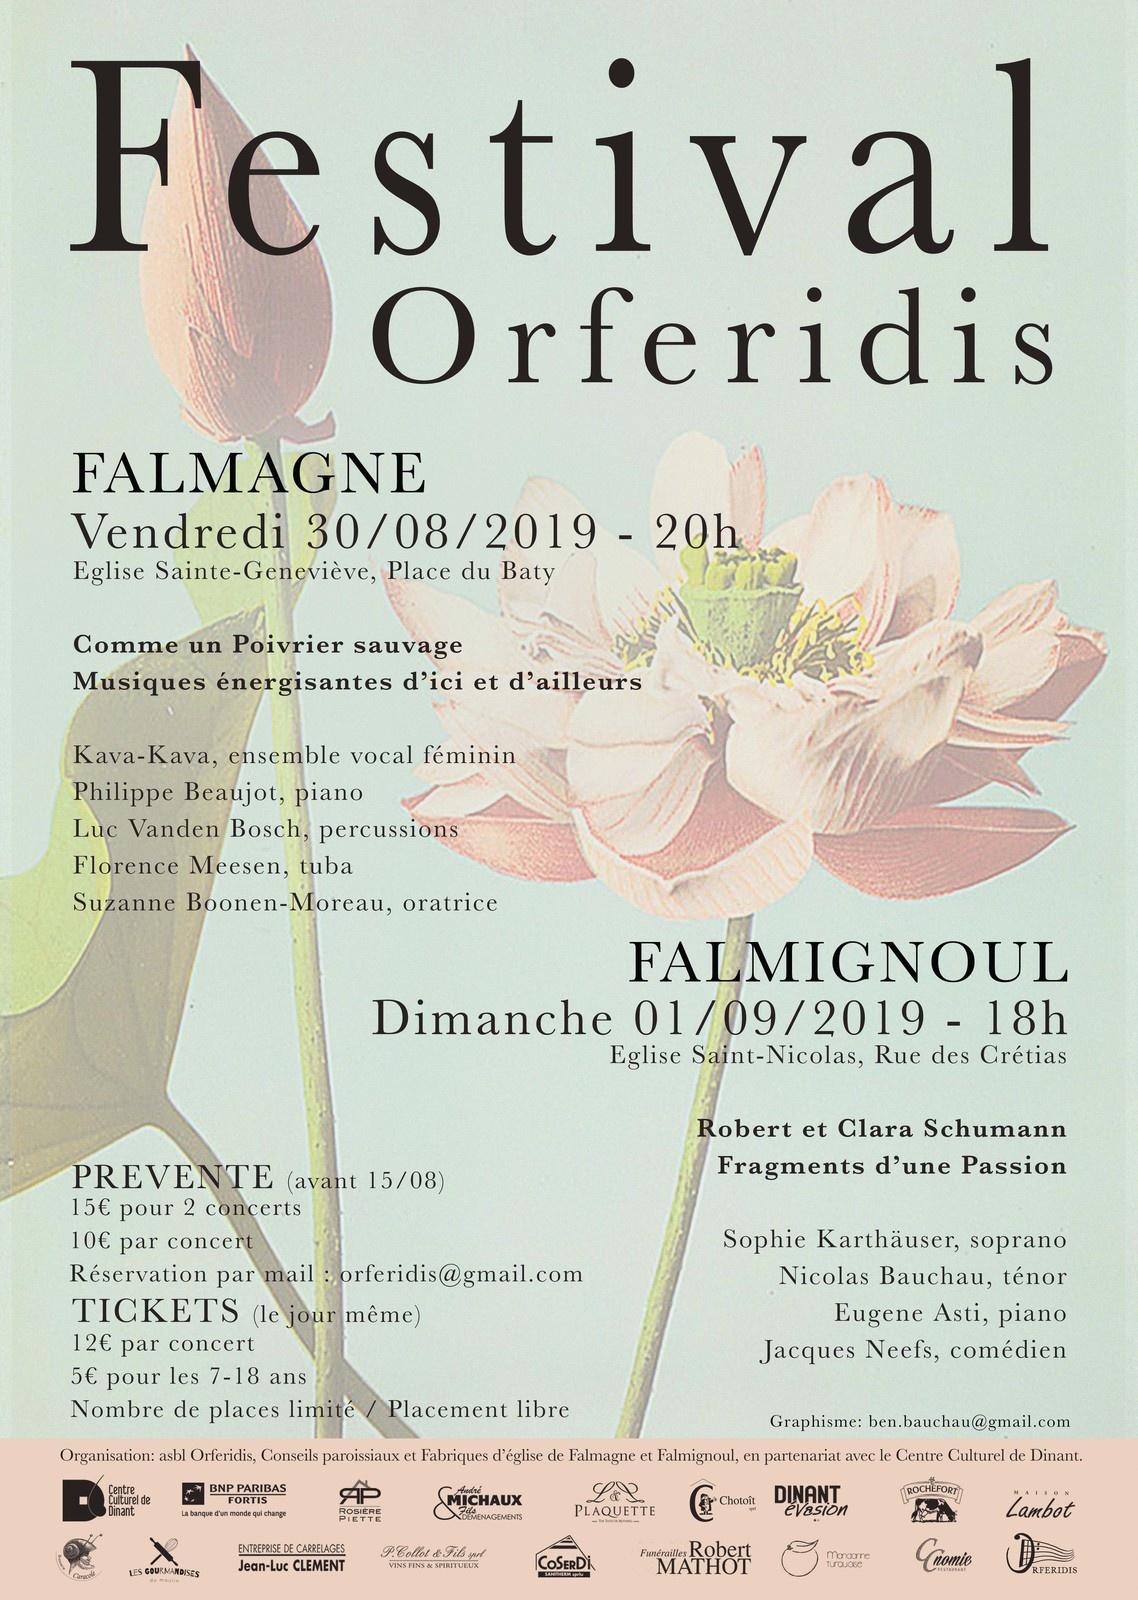 Festival Orferidis à Falmagne